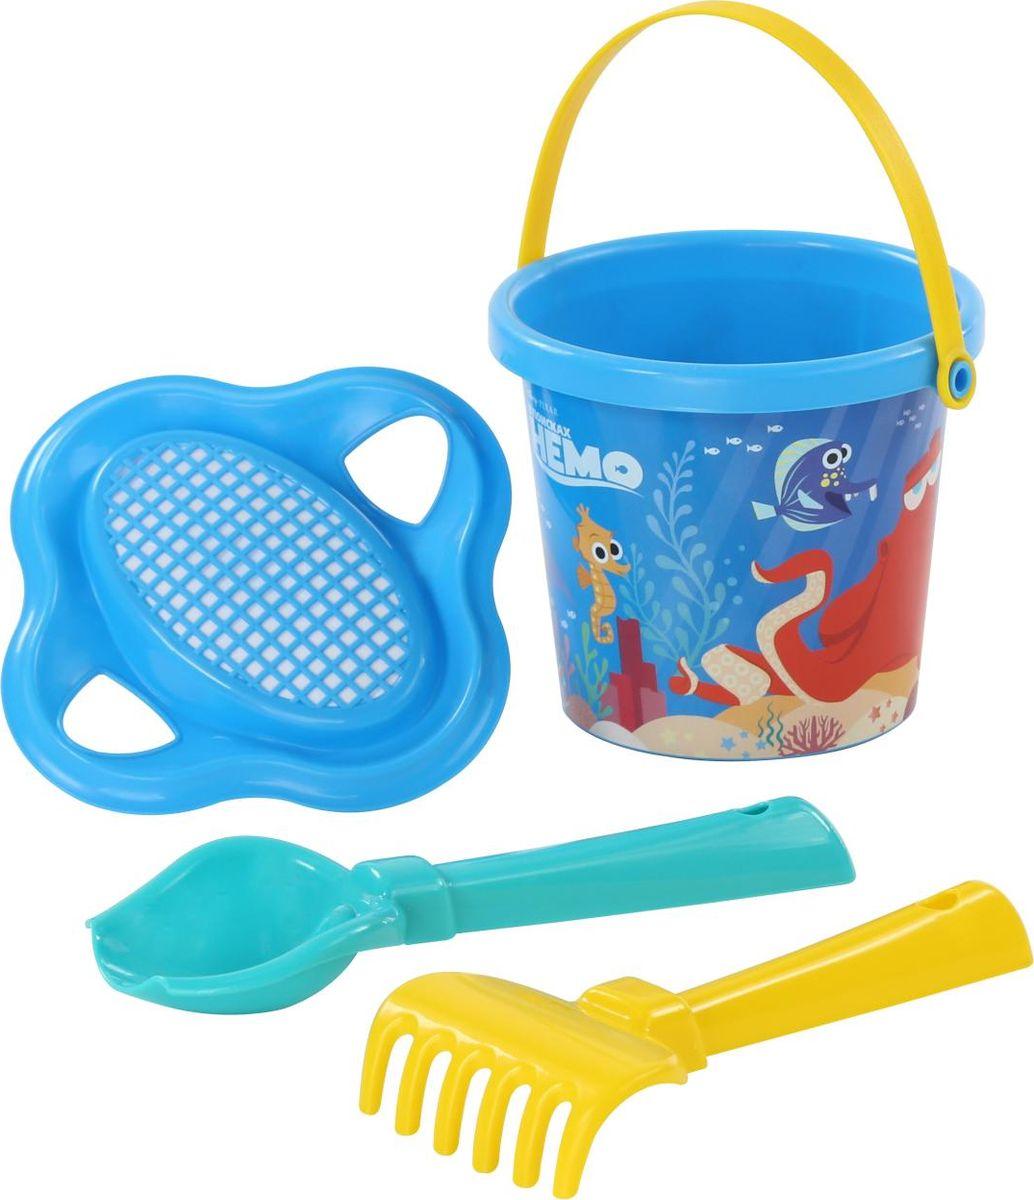 Disney / Pixar Набор игрушек для песочницы В поисках Немо №2 disney pixar набор игрушек для песочницы тачки 18